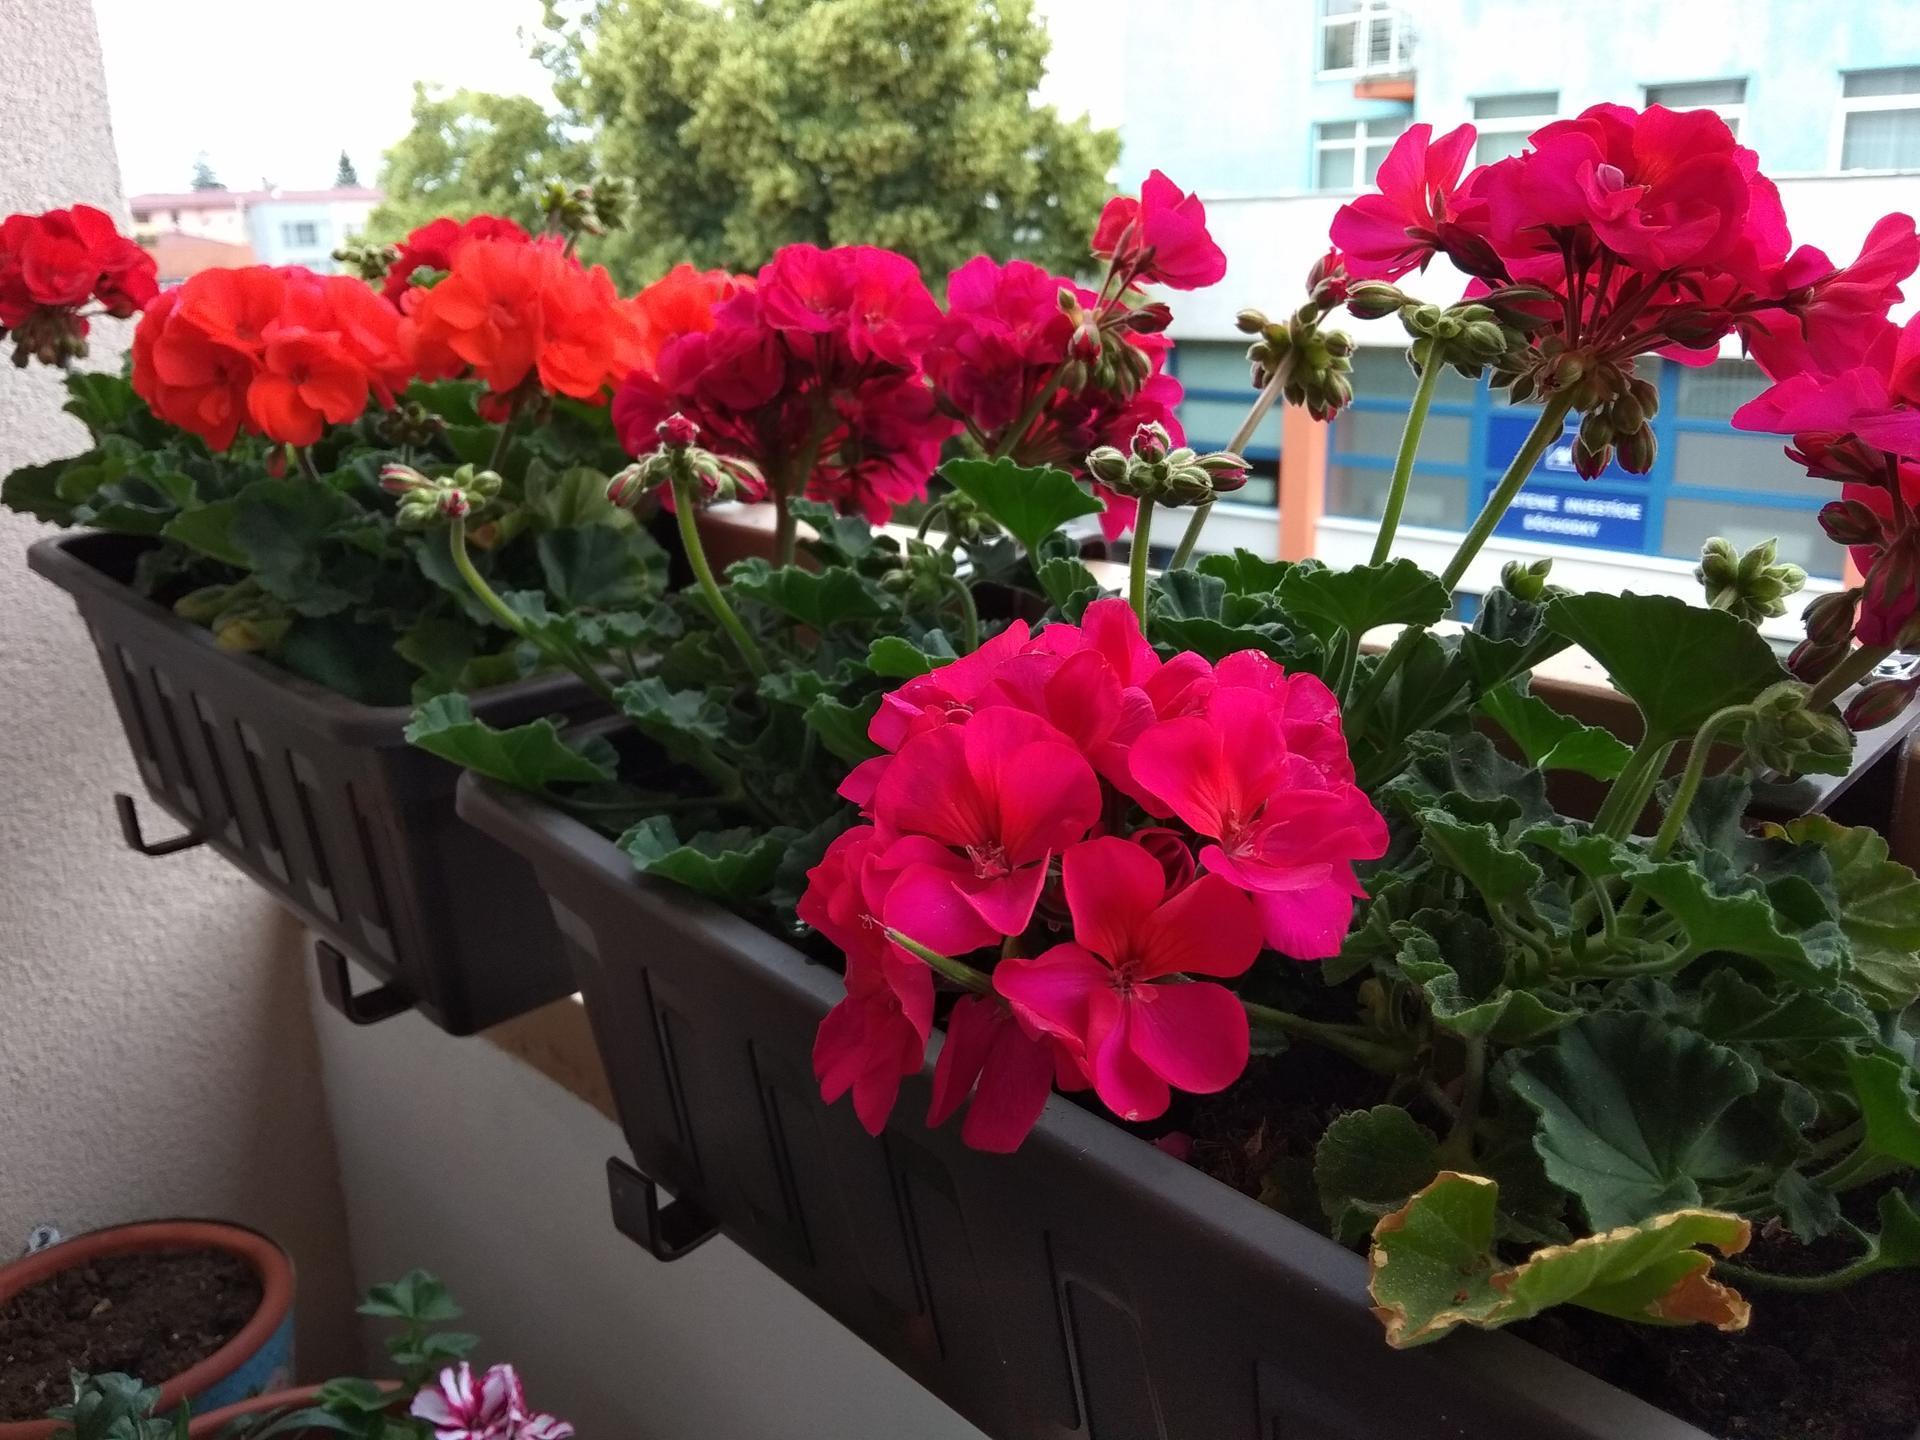 Moje balkónové kvetinkové miš - maš 🙂🌻🥀🍀🌸 - Obrázok č. 49